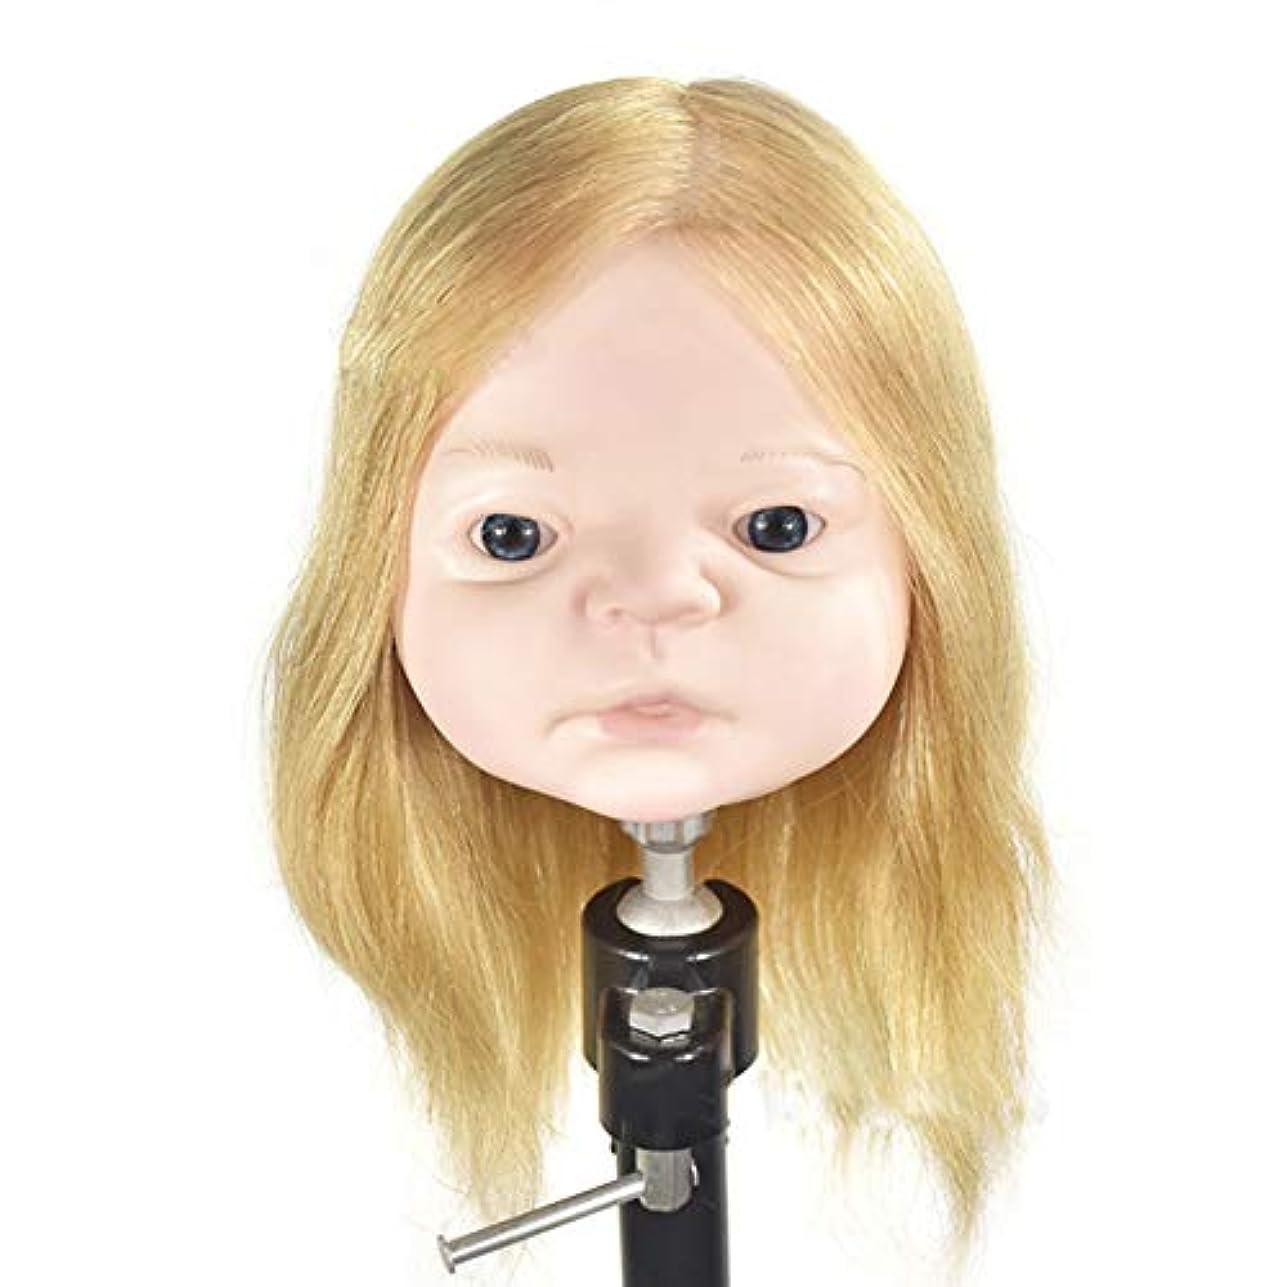 プロ練習ホット染色漂白ばさみモデリングマネキンヘッド編組毛ウィッグモデルドールティーチングヘッド